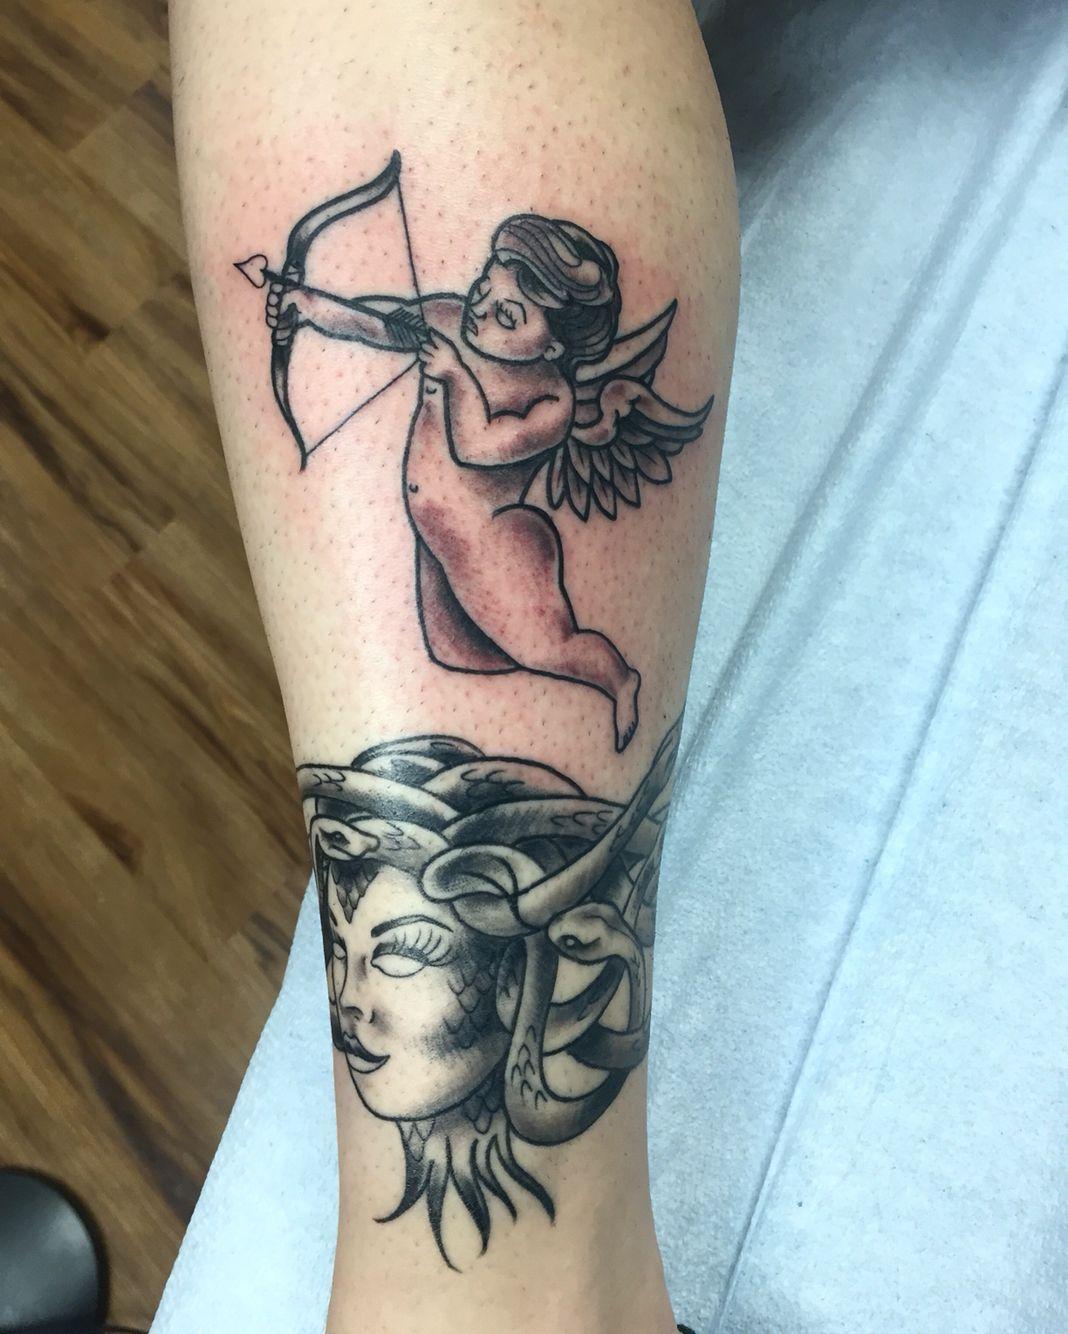 6b5a6e3400b6a Cupid tattoo | Tattoos | Cupid tattoo, Tattoos, Tattoo designs